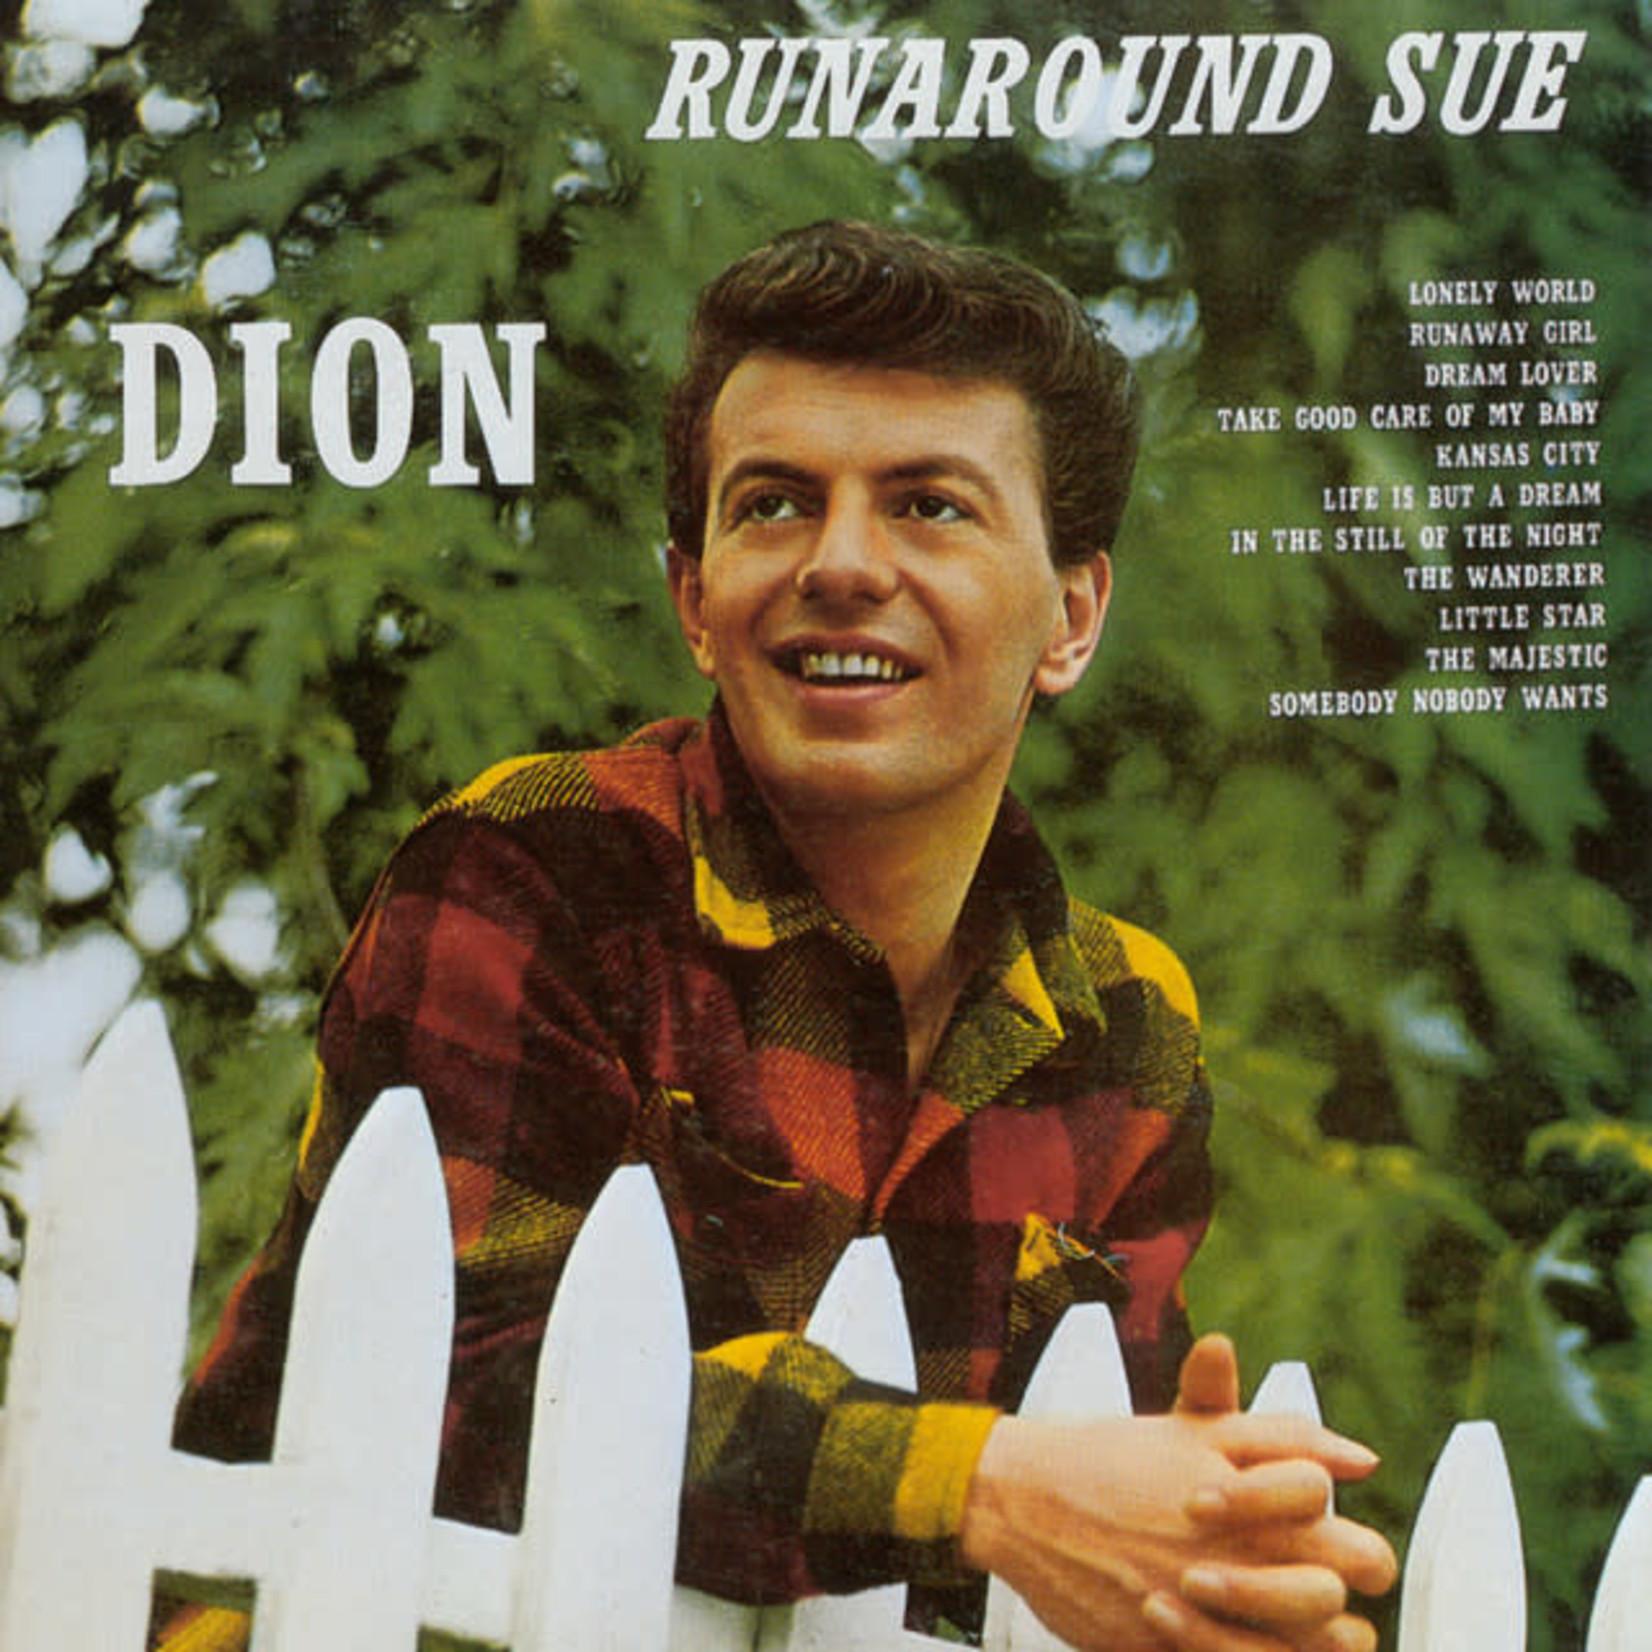 Vinyl Dion - Runaround Sue